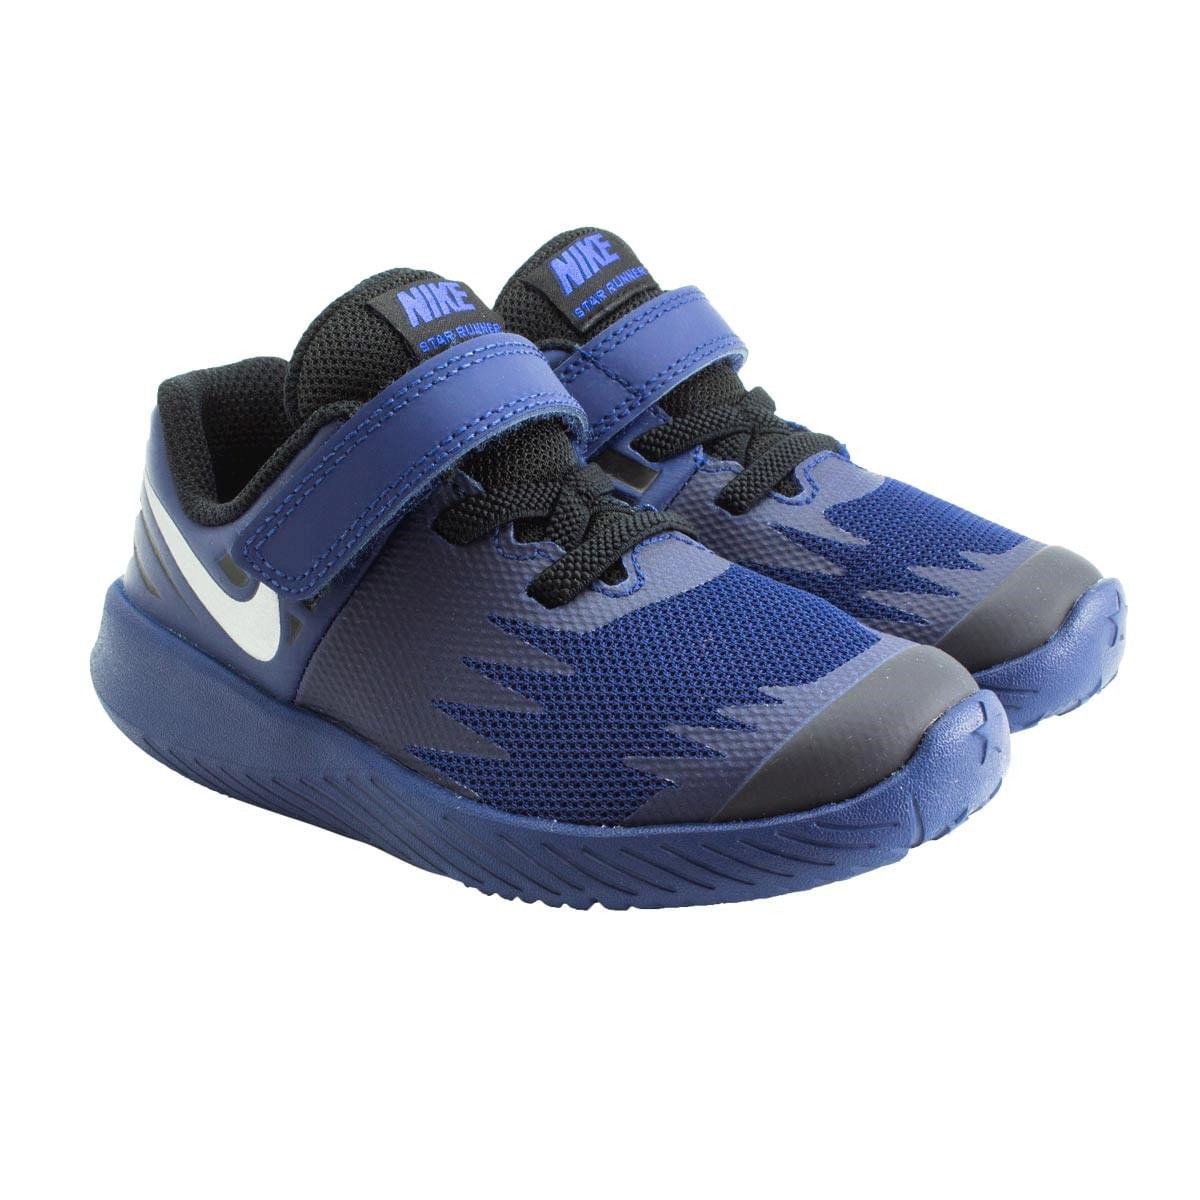 Tenis-Infantil-Nike-Star-Runner-Reflective--20-ao-26-